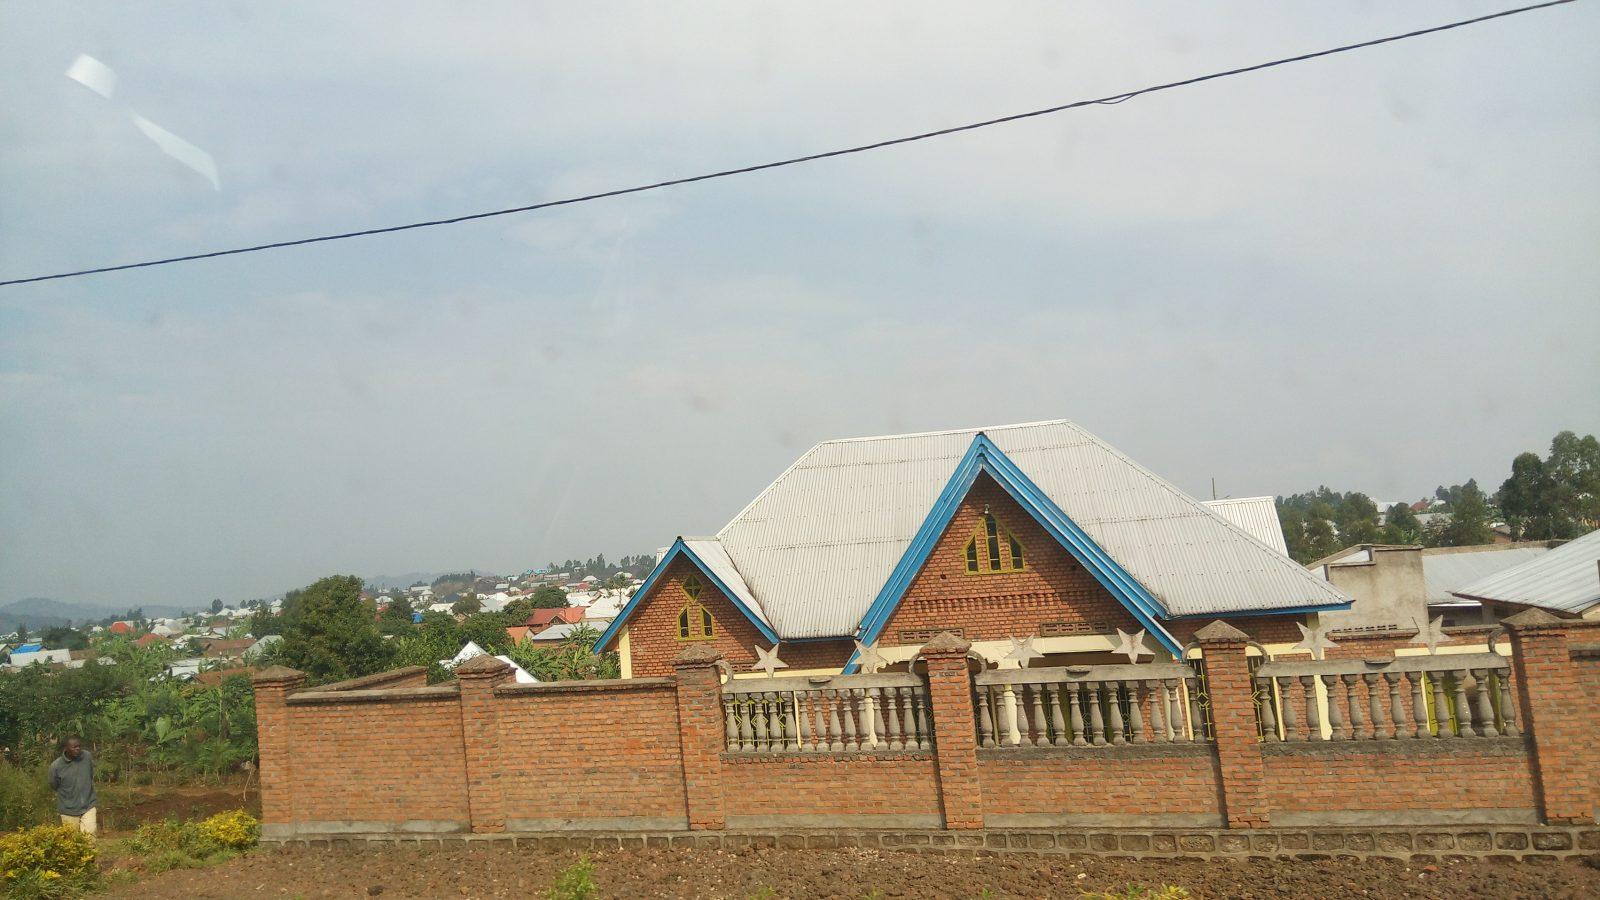 Maisons en briques rouges sur la route Kigali-Rubavu - Photo : Roger Mawulolo